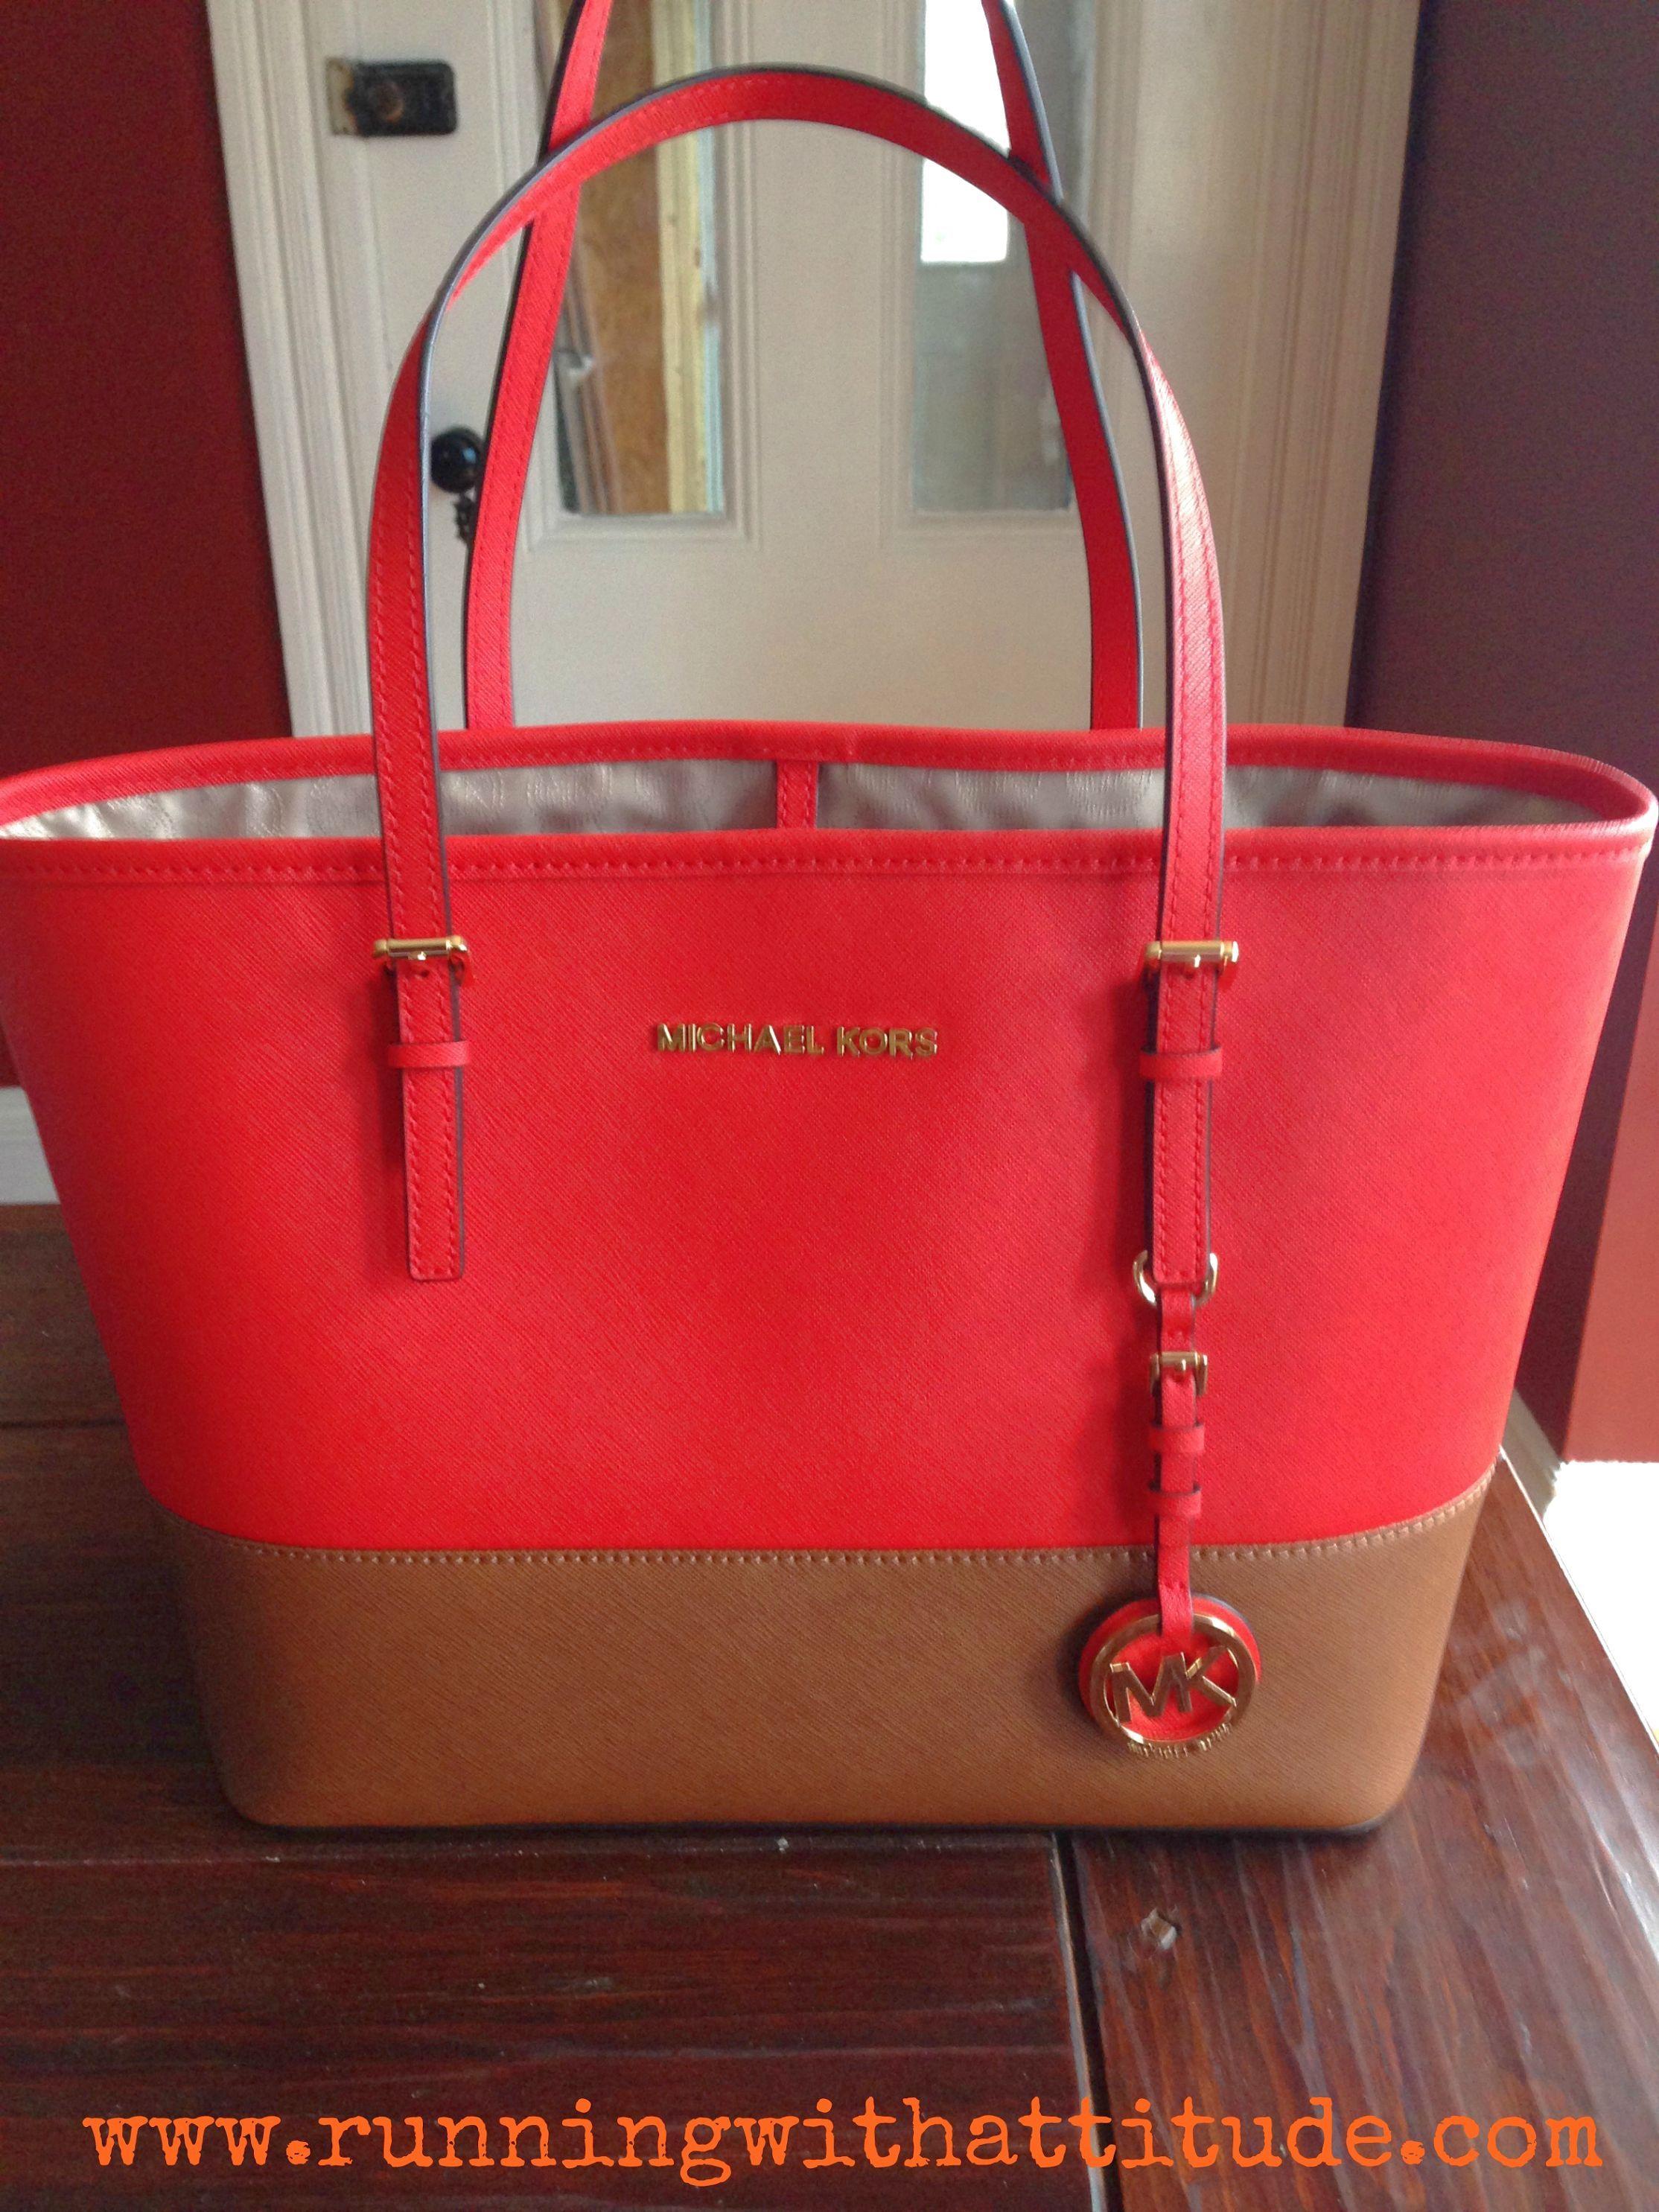 Michael kors bags on | Michael kors bag, Bags, Outfits for teens